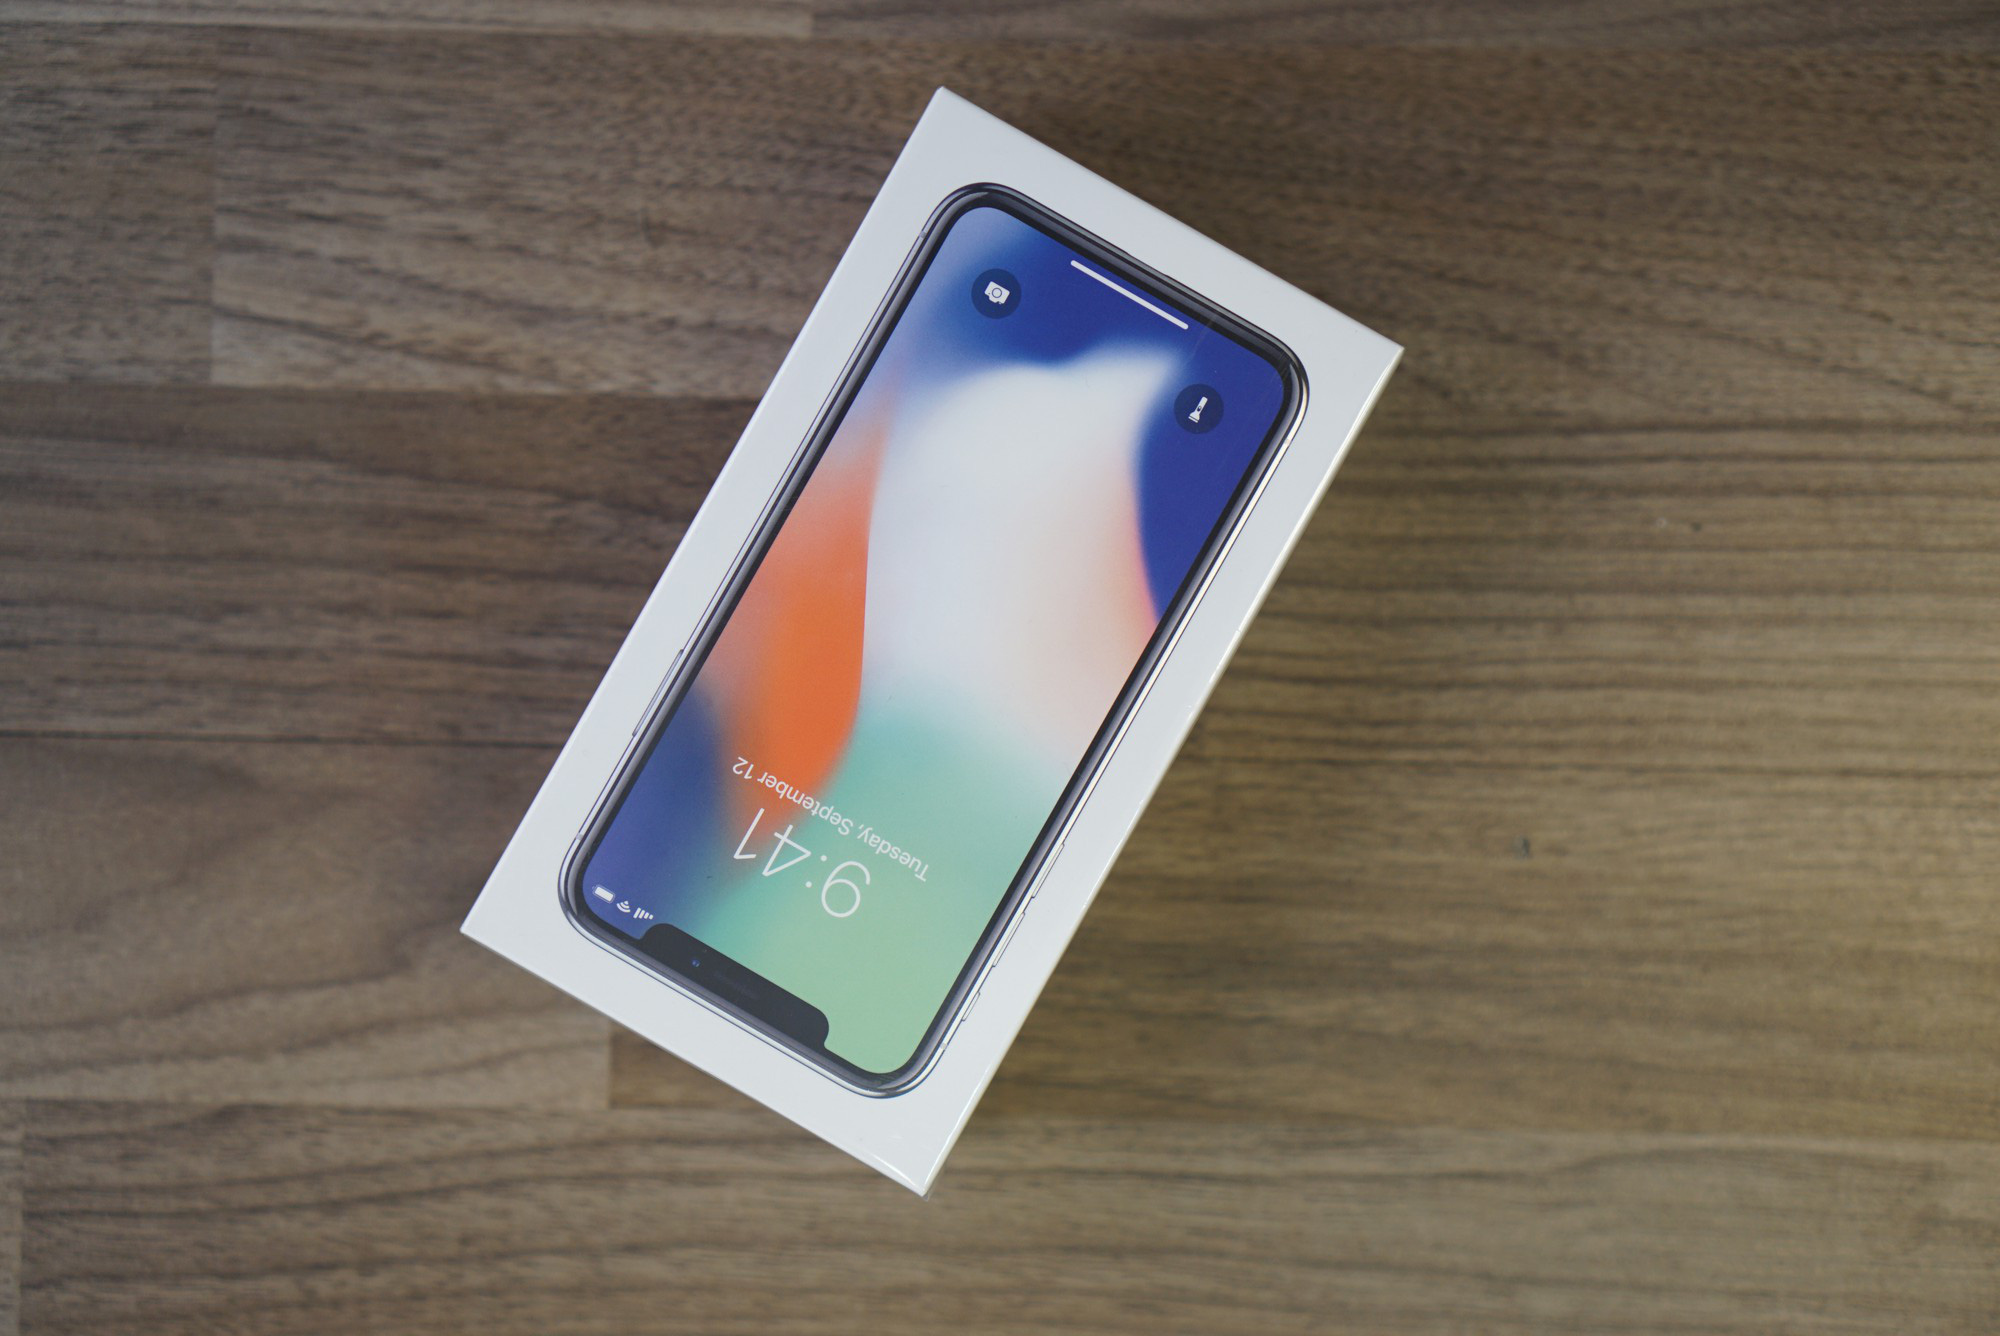 iPhone X giá 68 triệu đây rồi: Màn hình đẹp sắc sảo, thiết kế toàn diện, thao tác hoàn toàn mới - Ảnh 1.